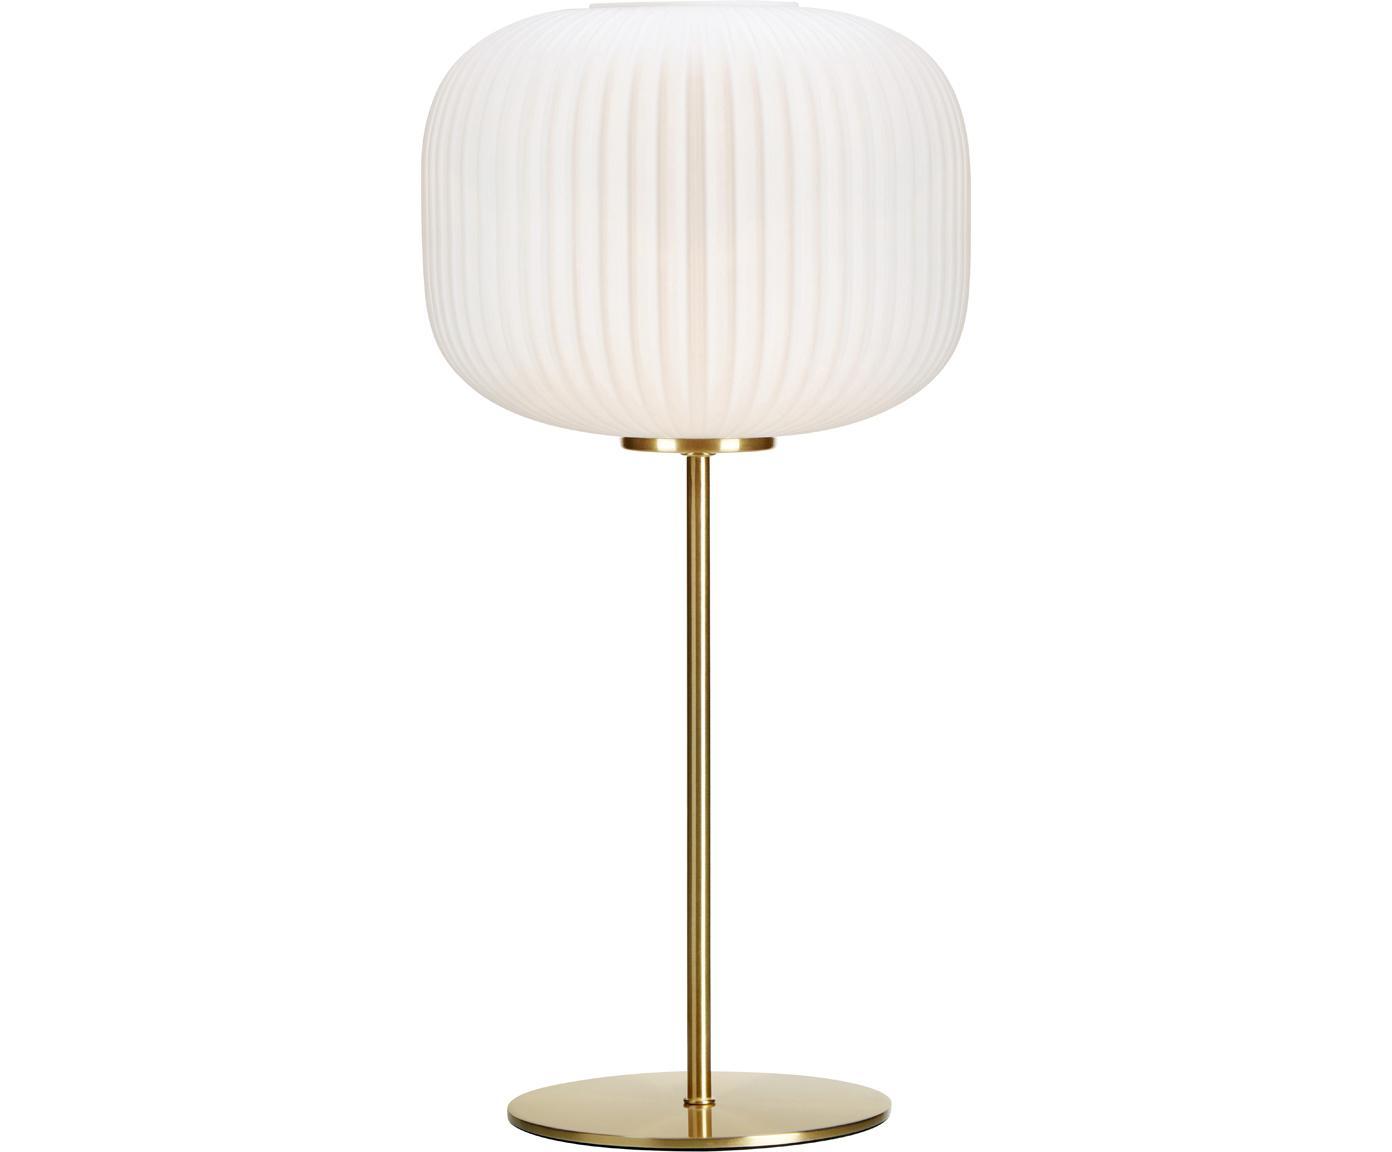 Tischleuchte Sober mit Glasschirm, Lampenschirm: Glas, Lampenfuß: Metall, gebürstet, Weiß, Gold, Ø 25 x H 50 cm